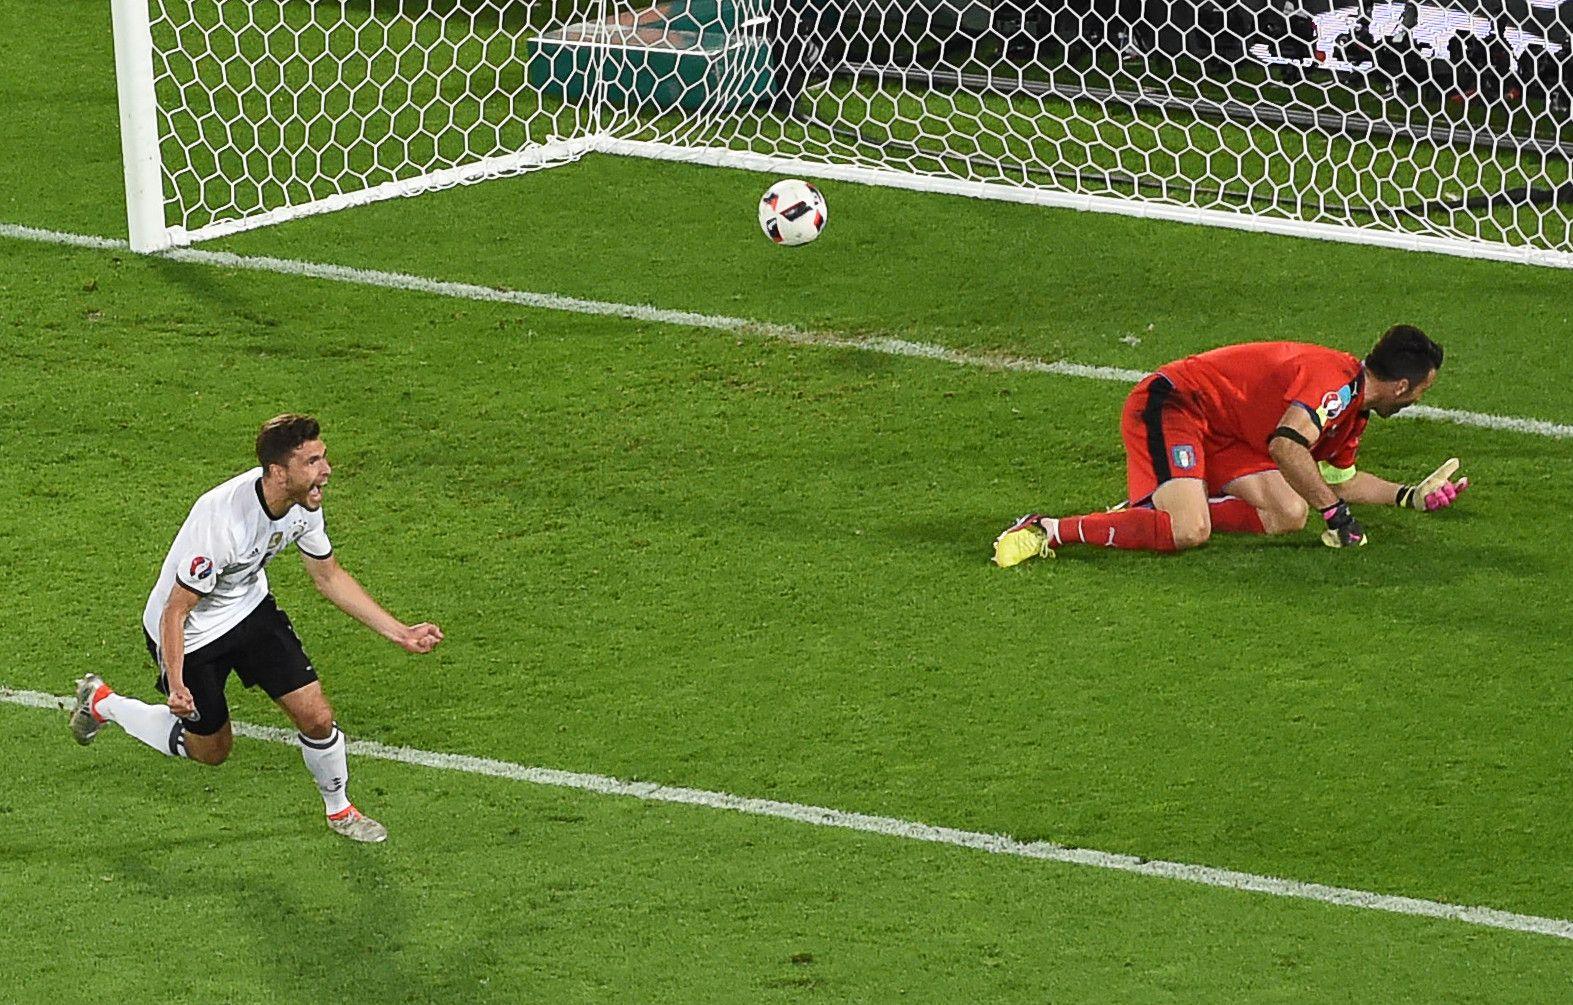 Hector marcou a grande penalidade decisiva